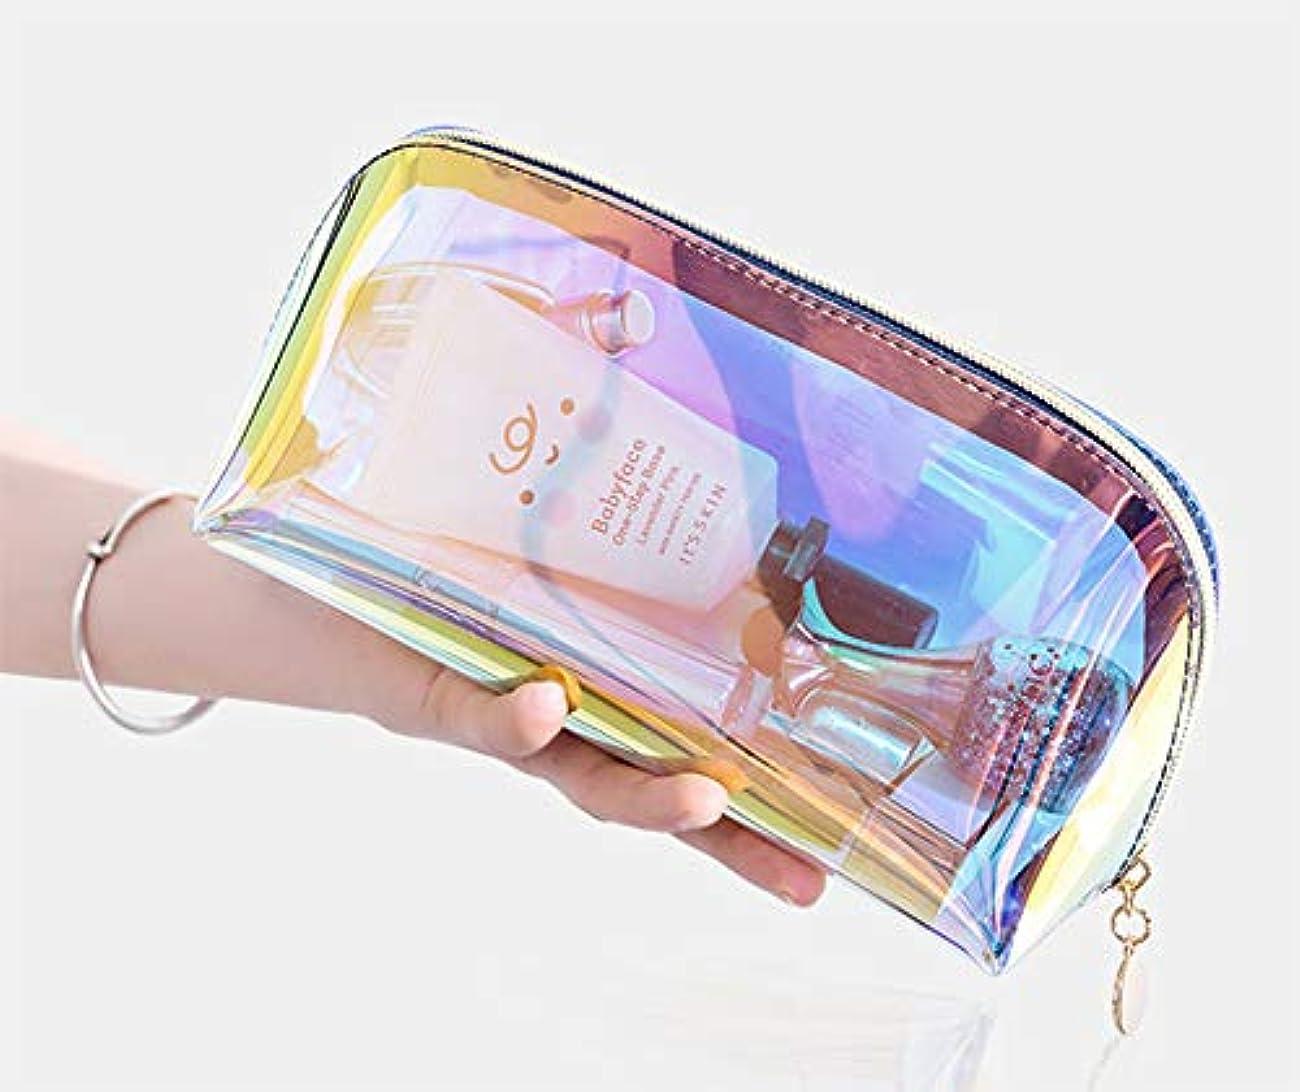 封筒落とし穴このBUBMメイク 収納 メイクブラシポーチ化粧品 収納防水透明メッシュ温泉、ビーチサイド旅行、出張 (LARGE)